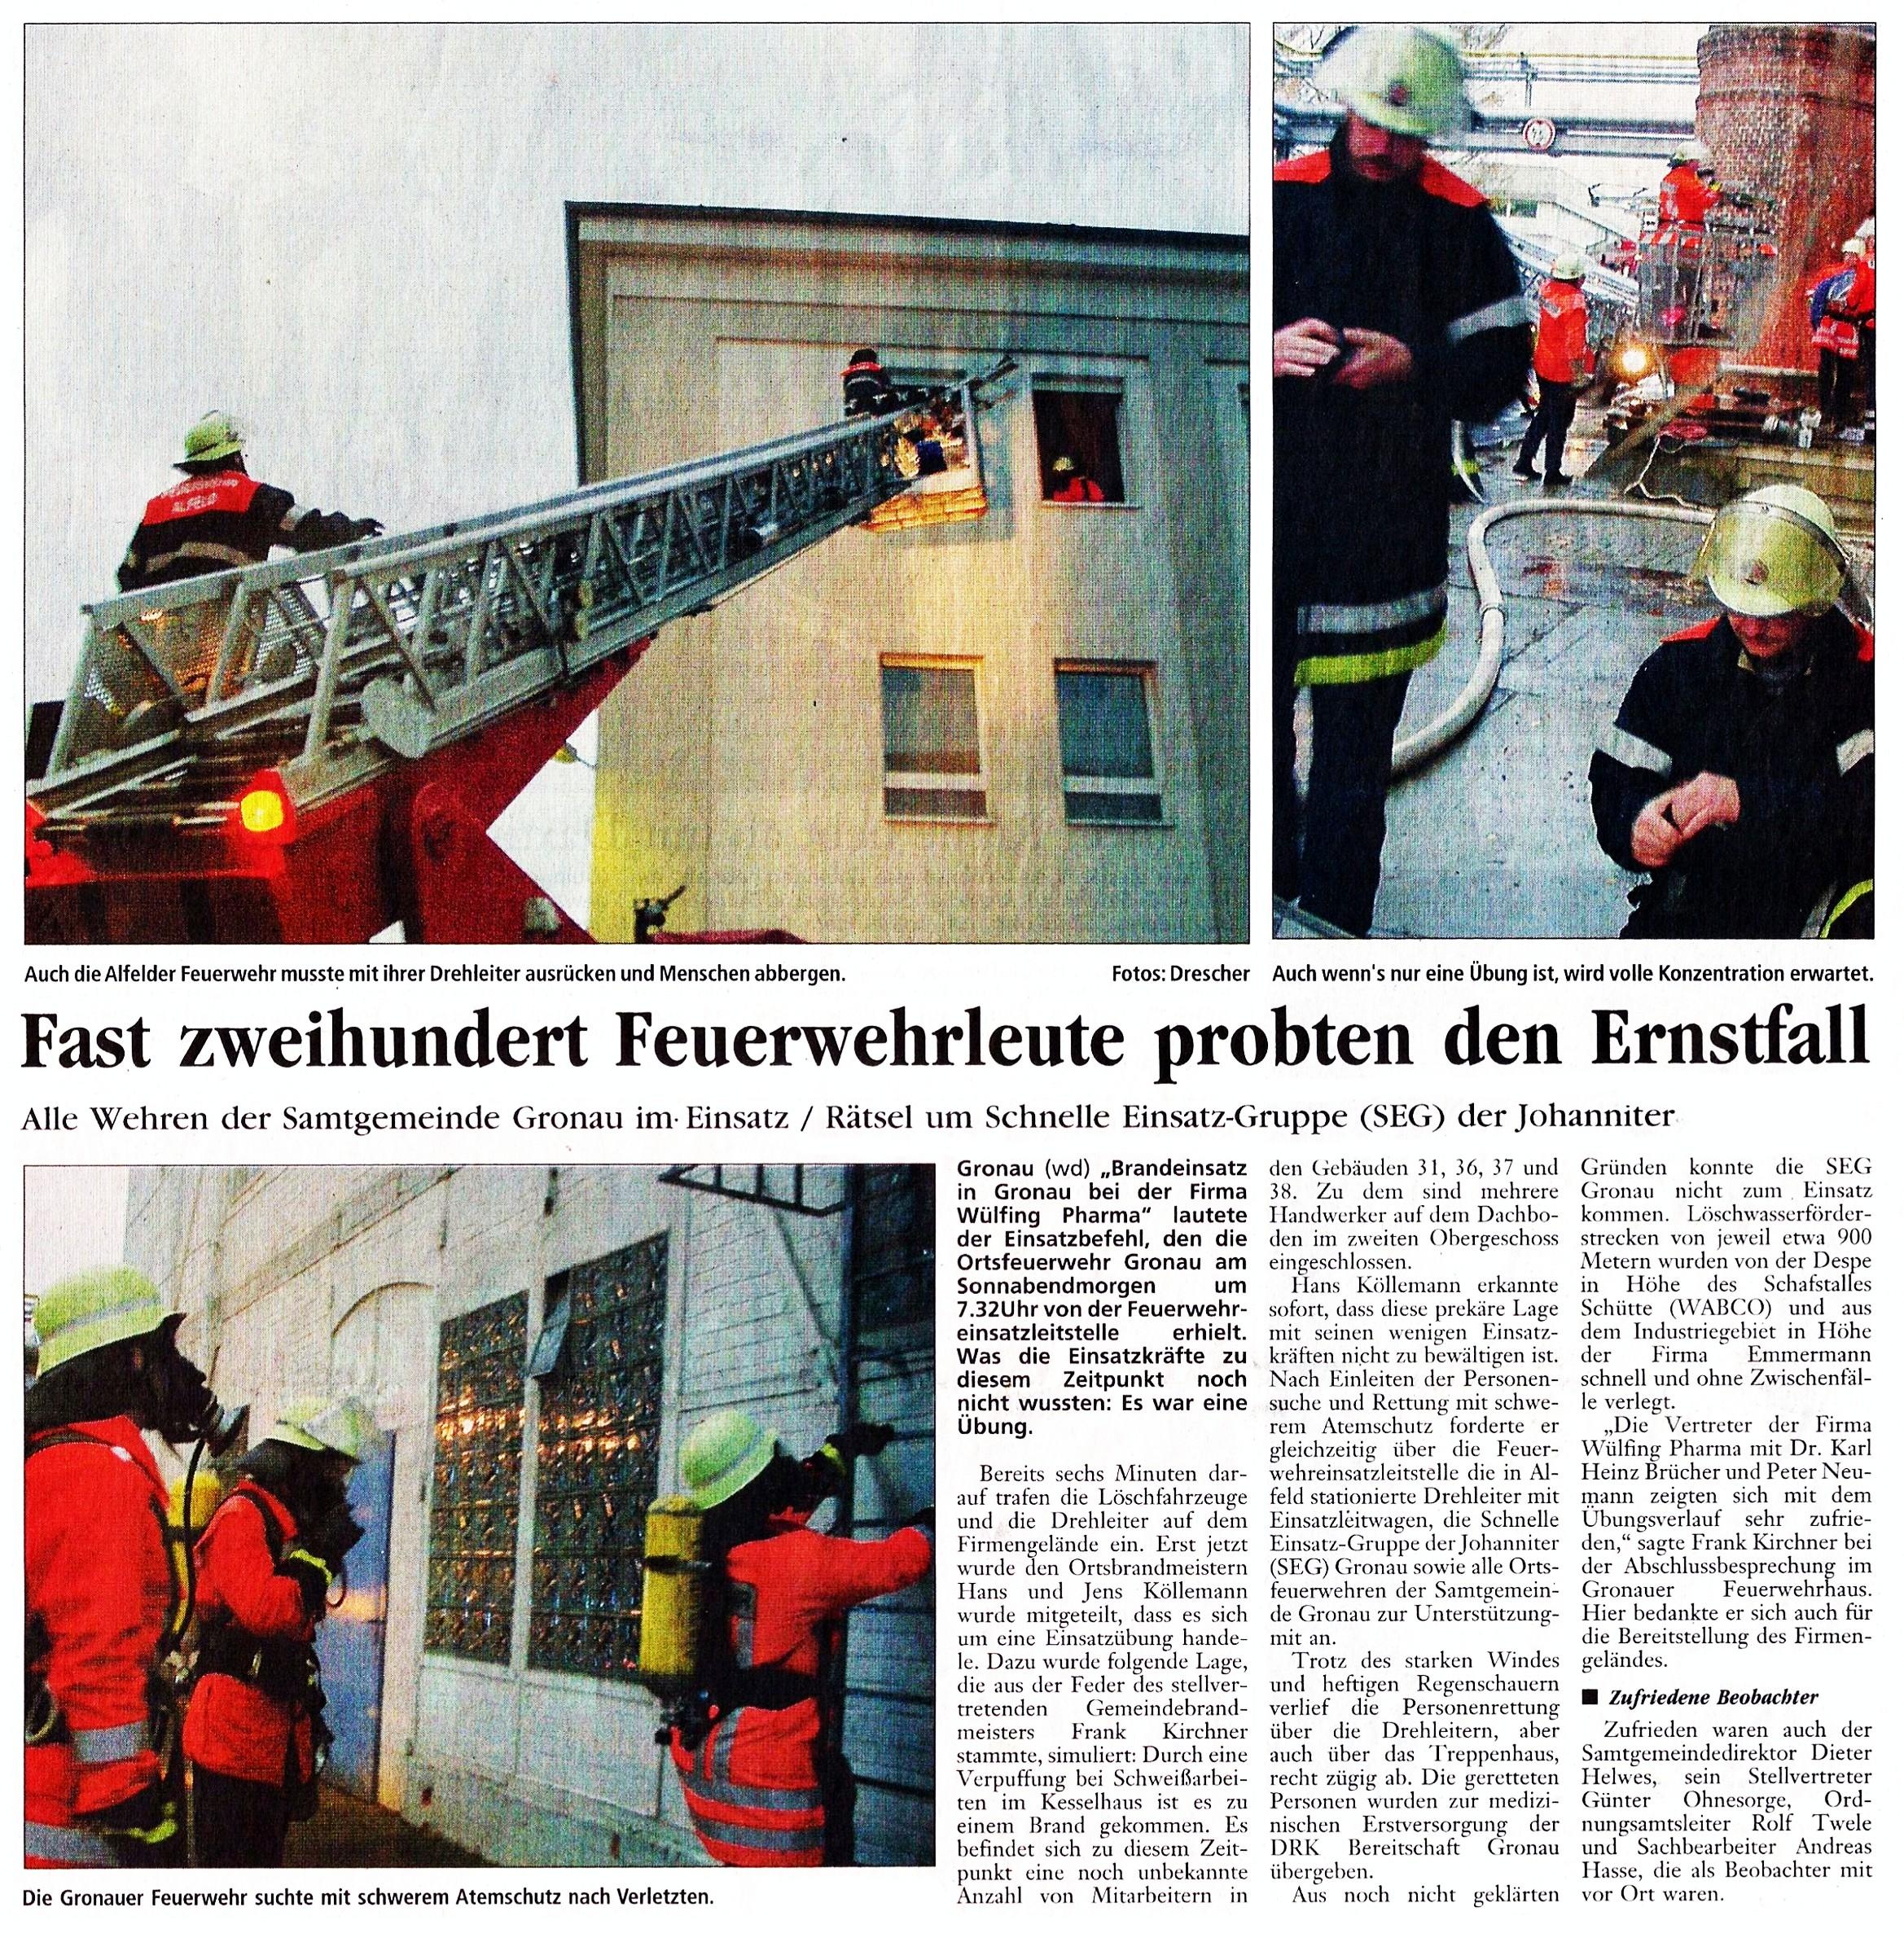 2002-10-28 Fast 200 Feuerwehrleute proben den Ernstfall